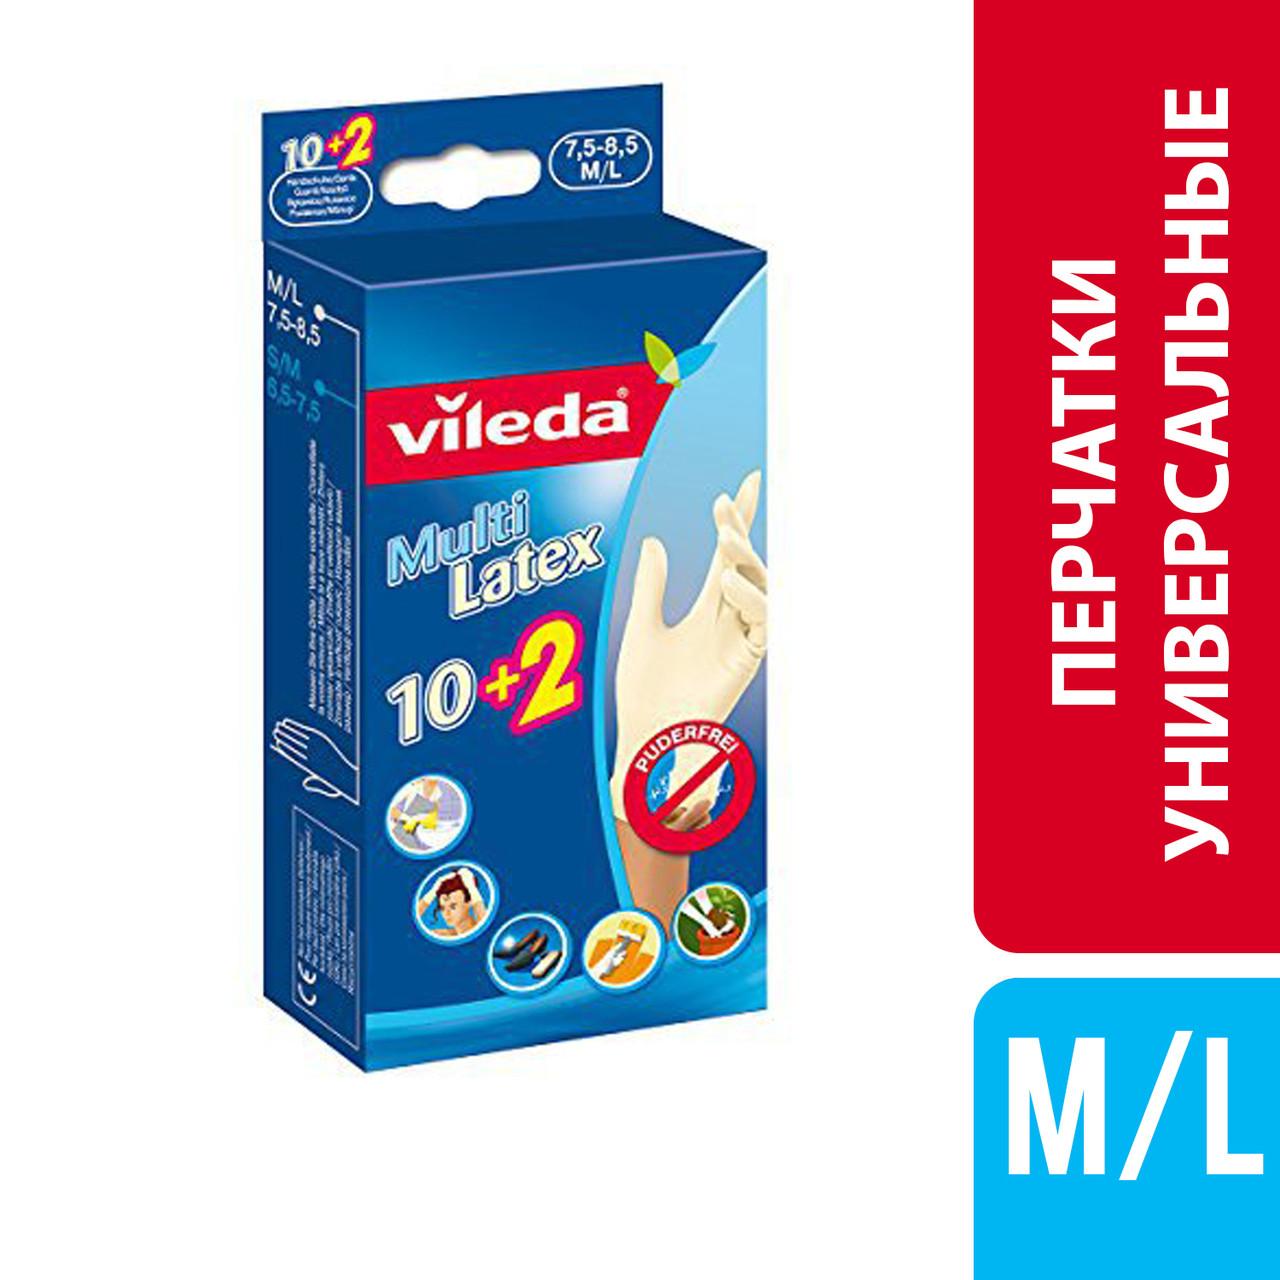 Перчатки латексные ВИЛЕДА одноразового использования, размер М/L 10+2 шт. (Vileda Gloves Multi)